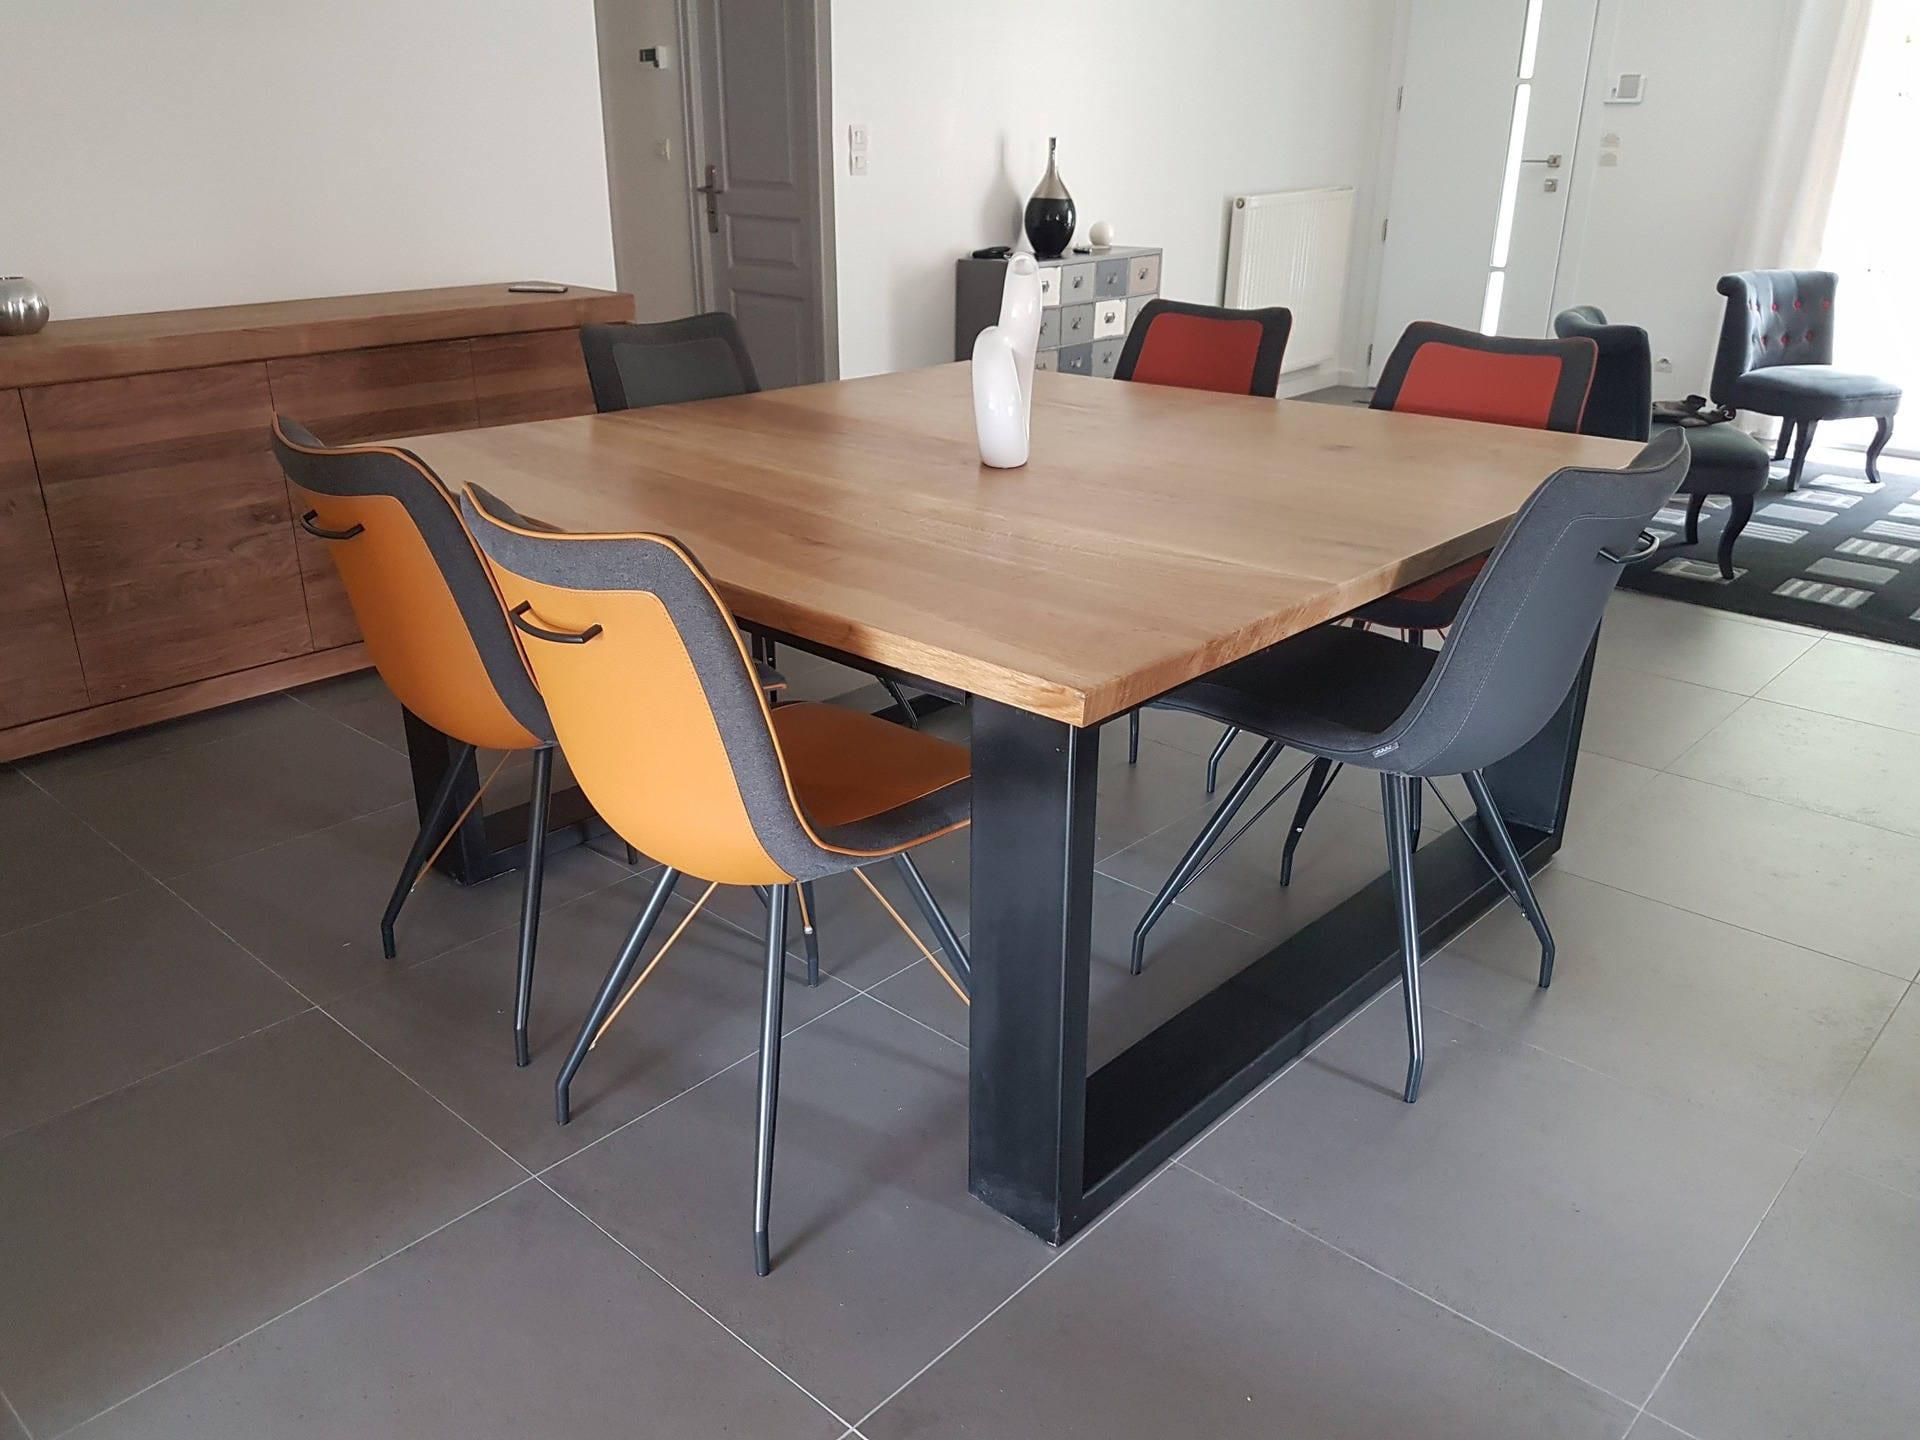 table de salle manger style industriel carr en ch ne massif. Black Bedroom Furniture Sets. Home Design Ideas